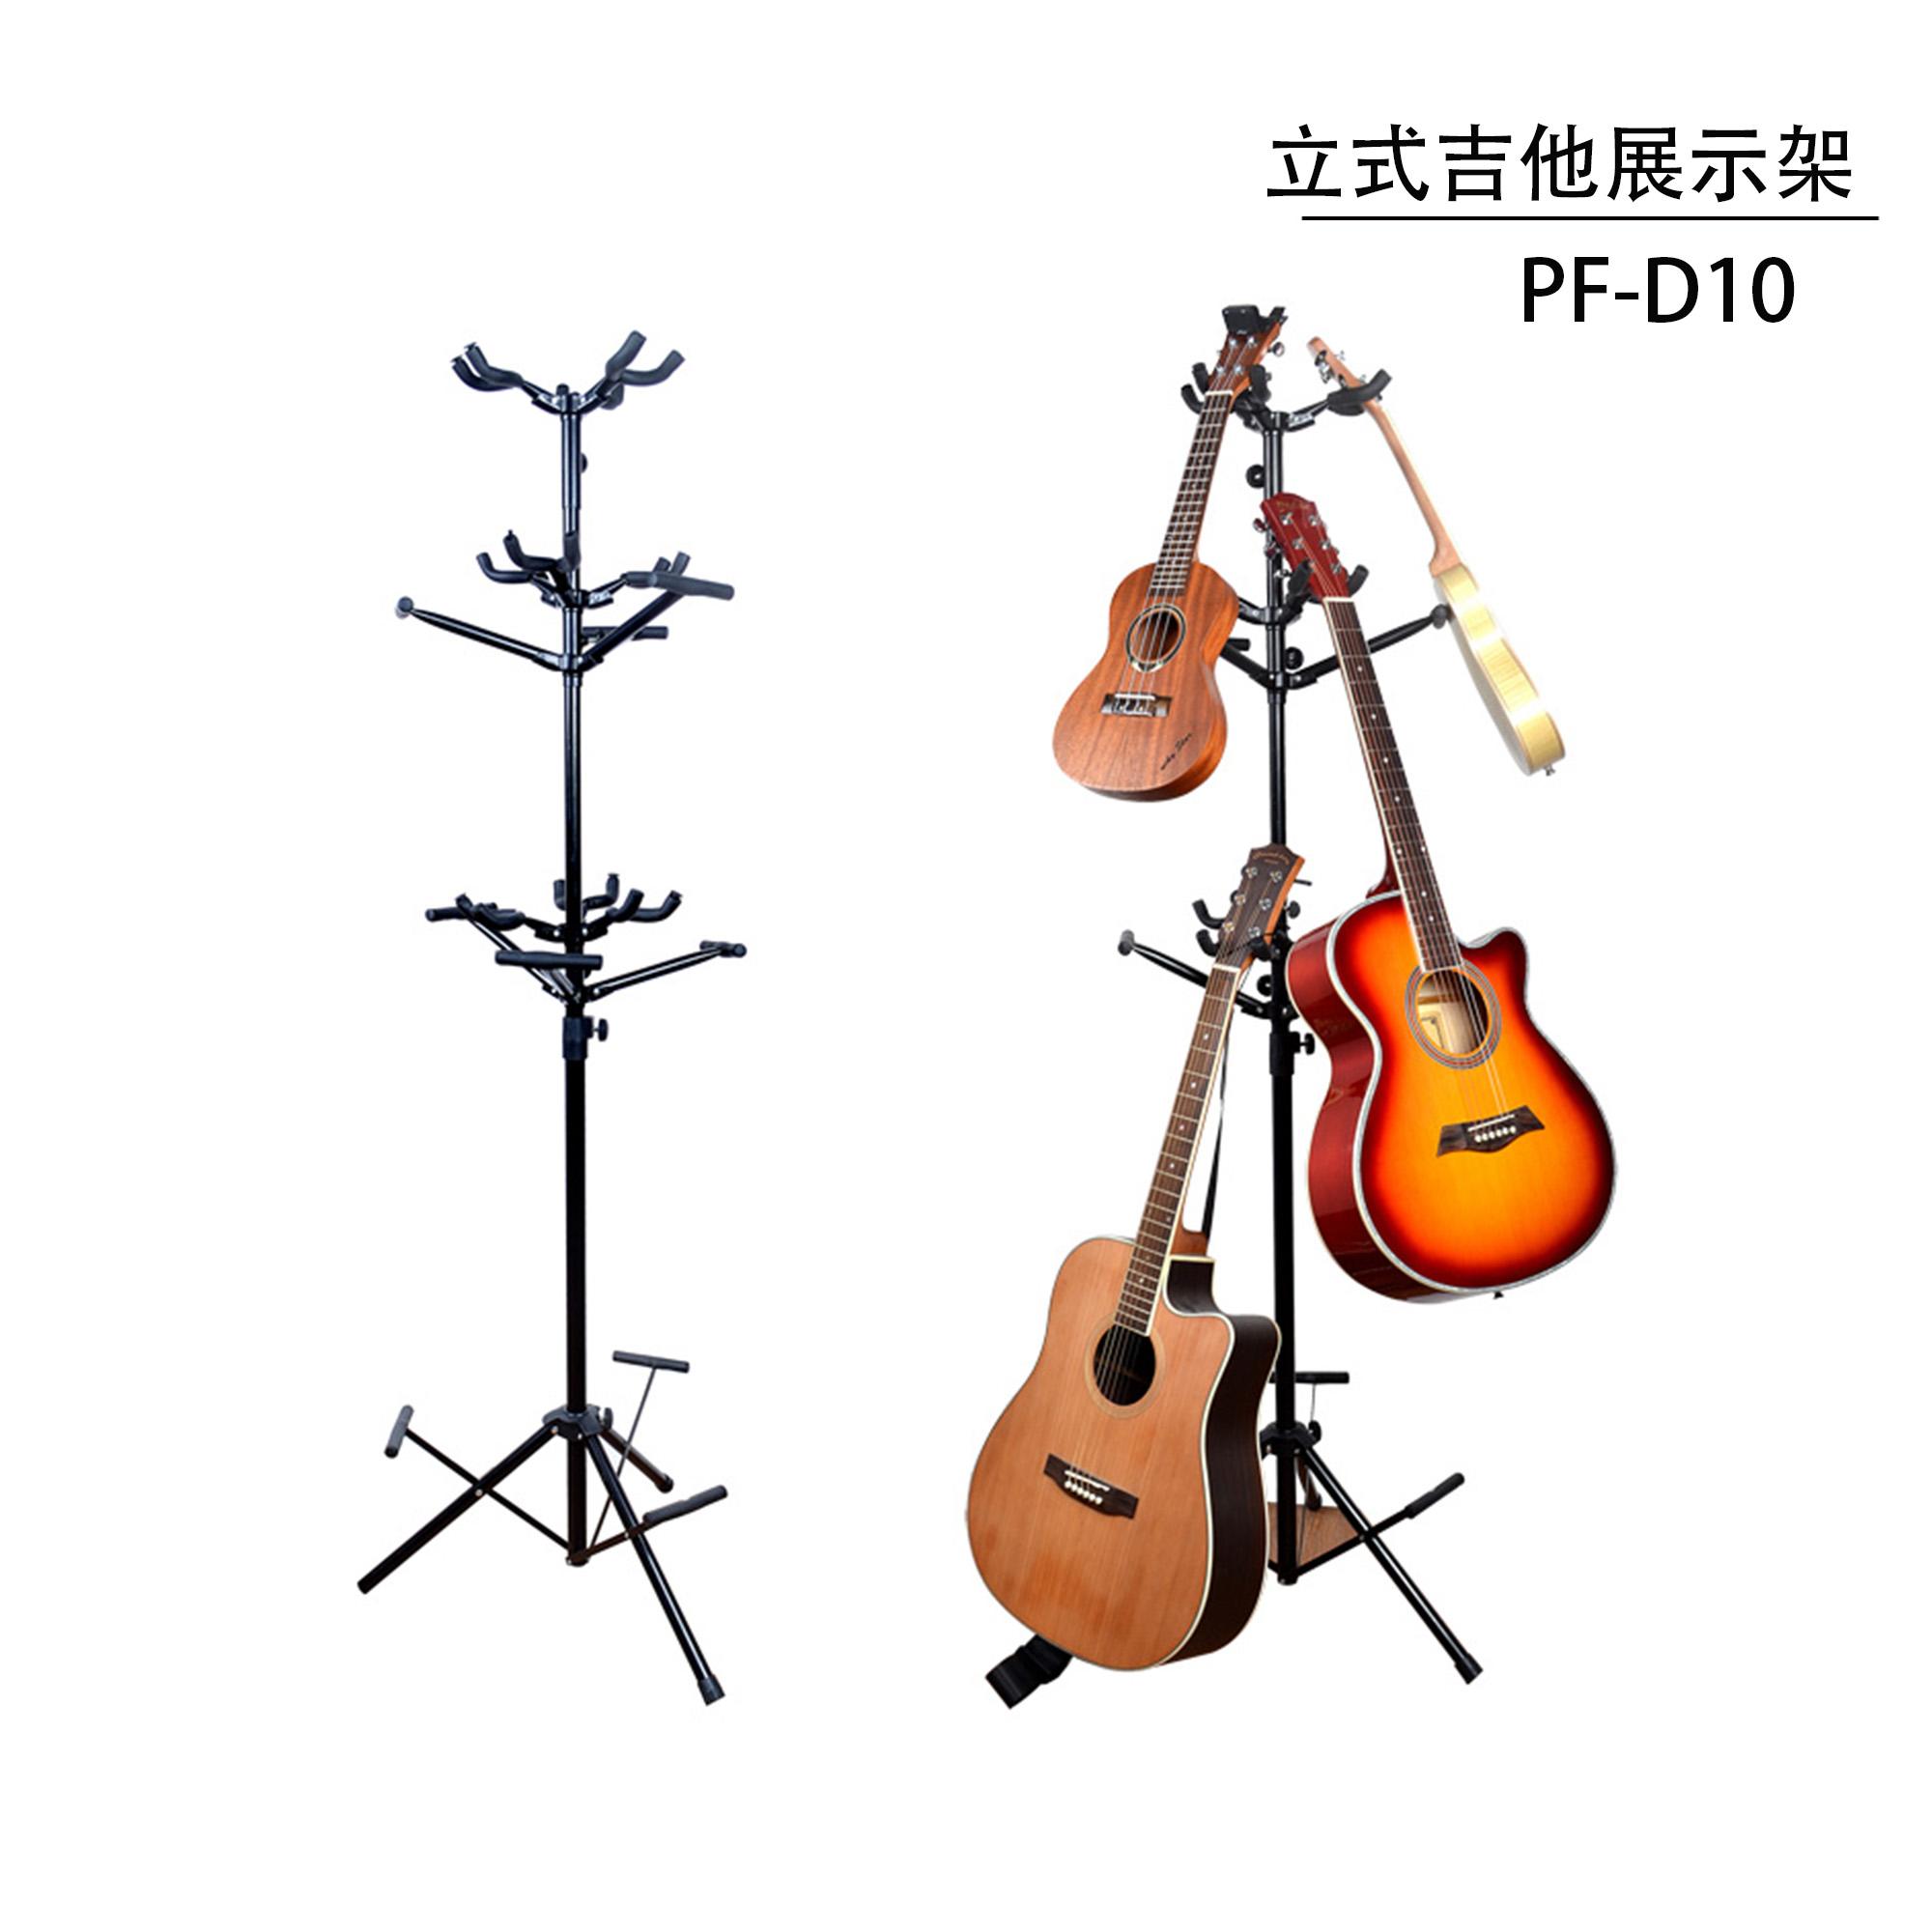 立式吉他展示架